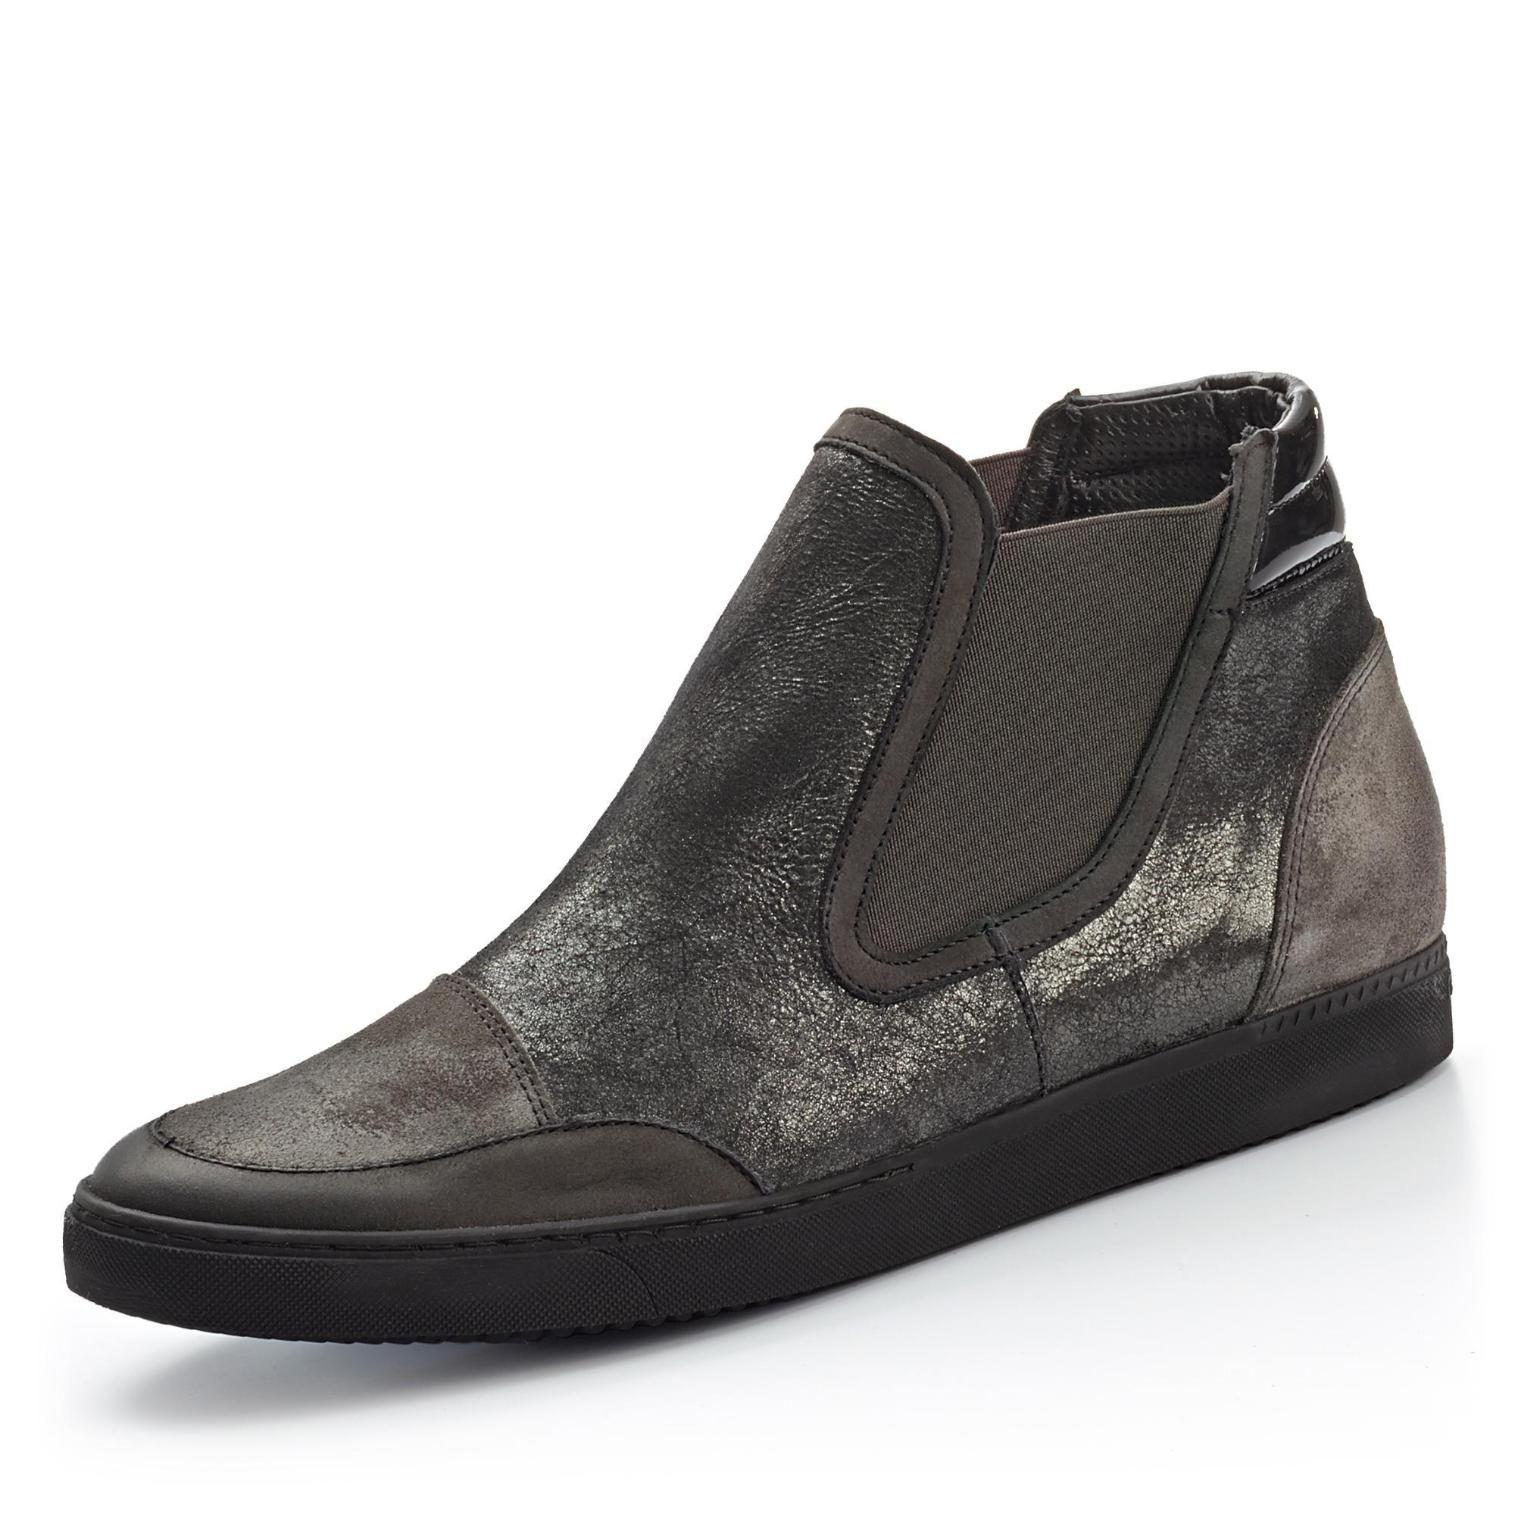 Paul Green Sneaker jetzt um 15% reduziert für nur 119,00